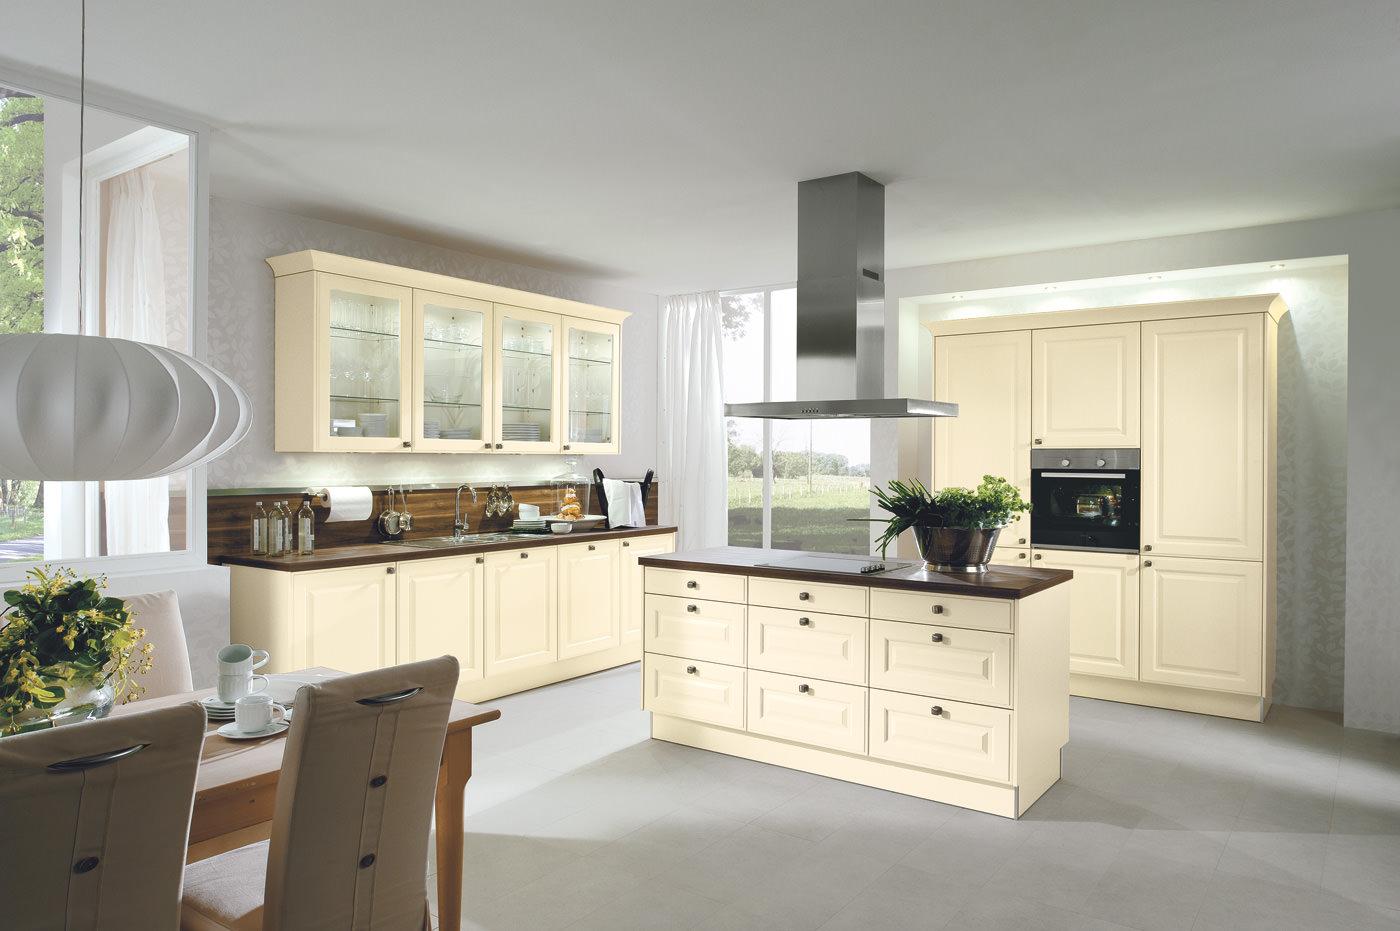 Full Size of Ikea Küche Zusammenstellen Online Unterschrank Küche Zusammenstellen Vicco Küche Zusammenstellen Outdoor Küche Zusammenstellen Küche Küche Zusammenstellen